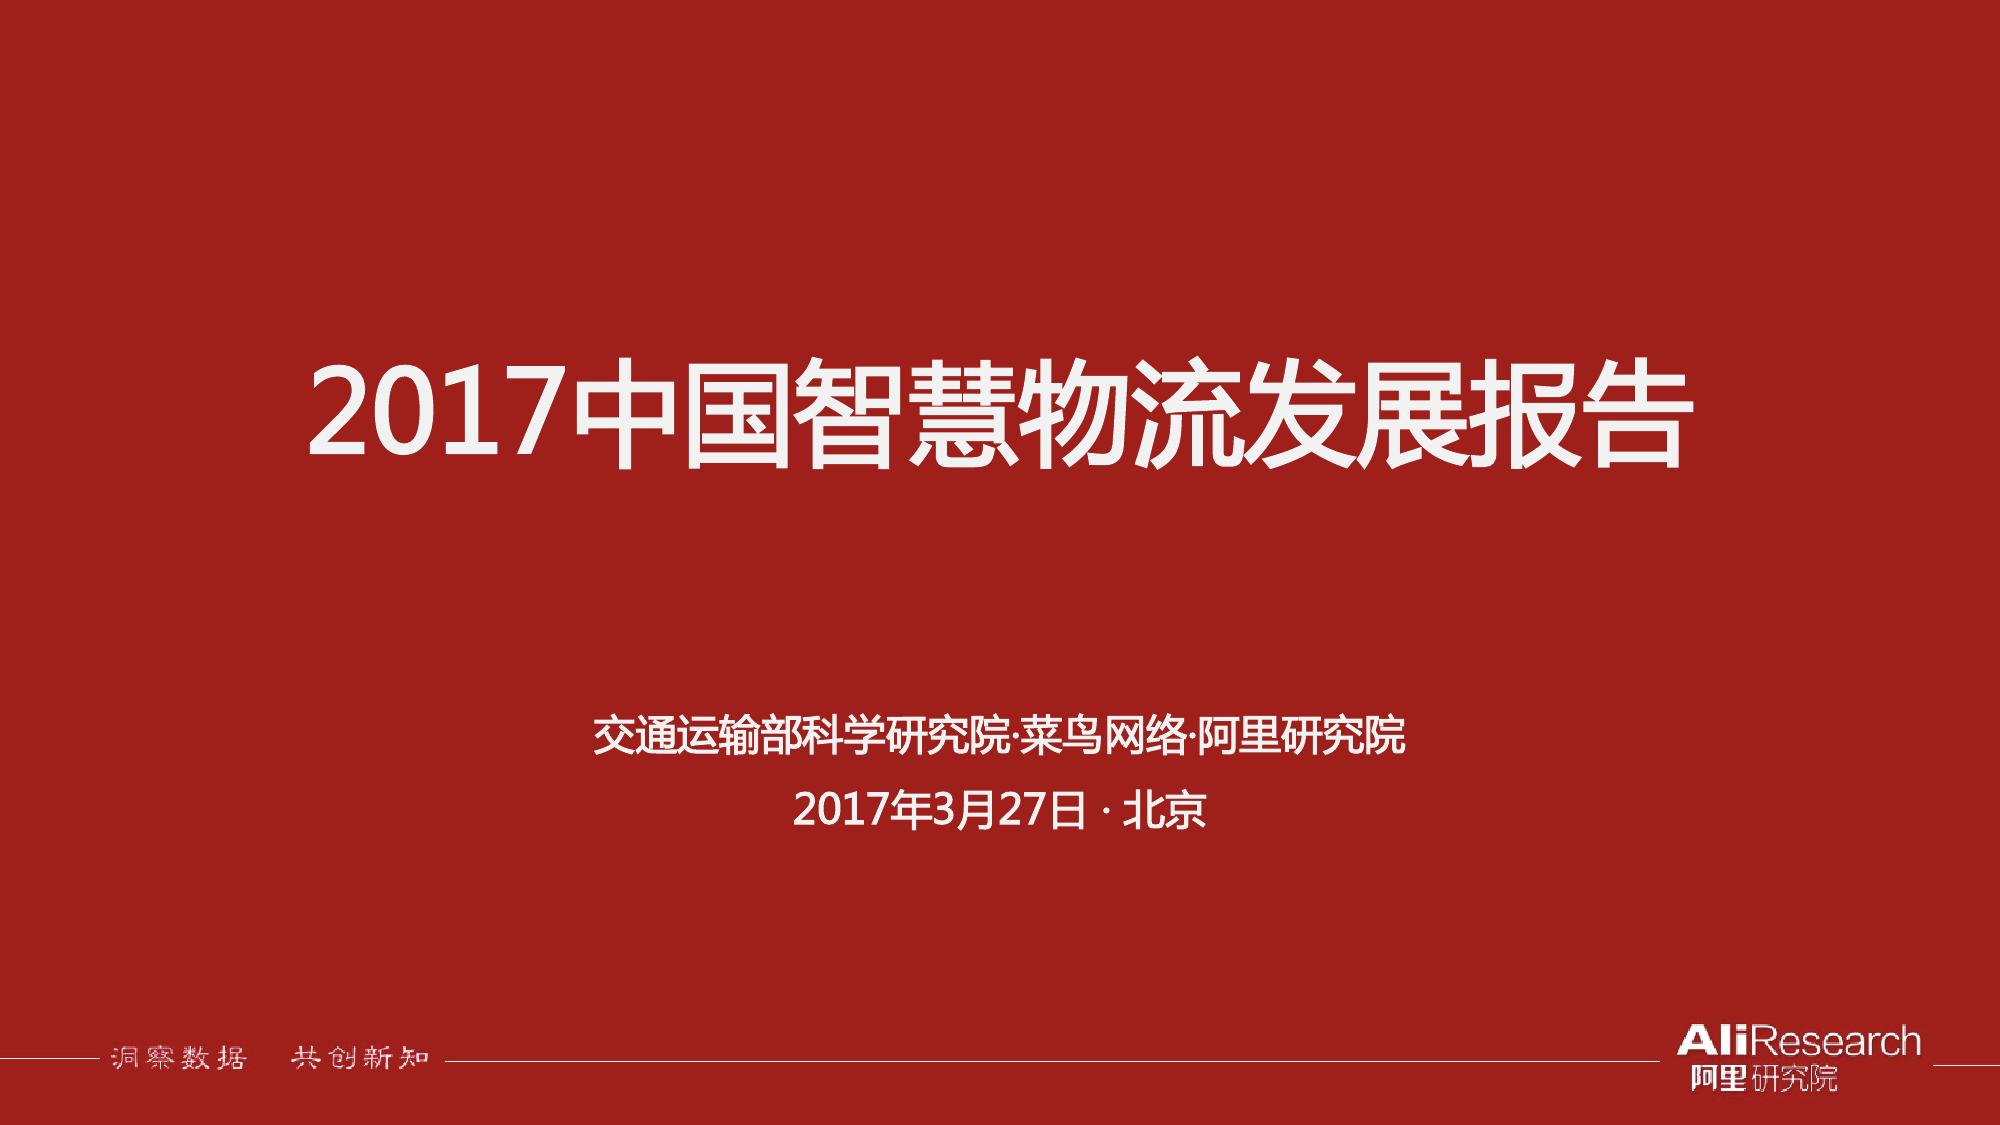 交通部&菜鸟网络:2017中国智慧物流大数据发展报告(附下载)